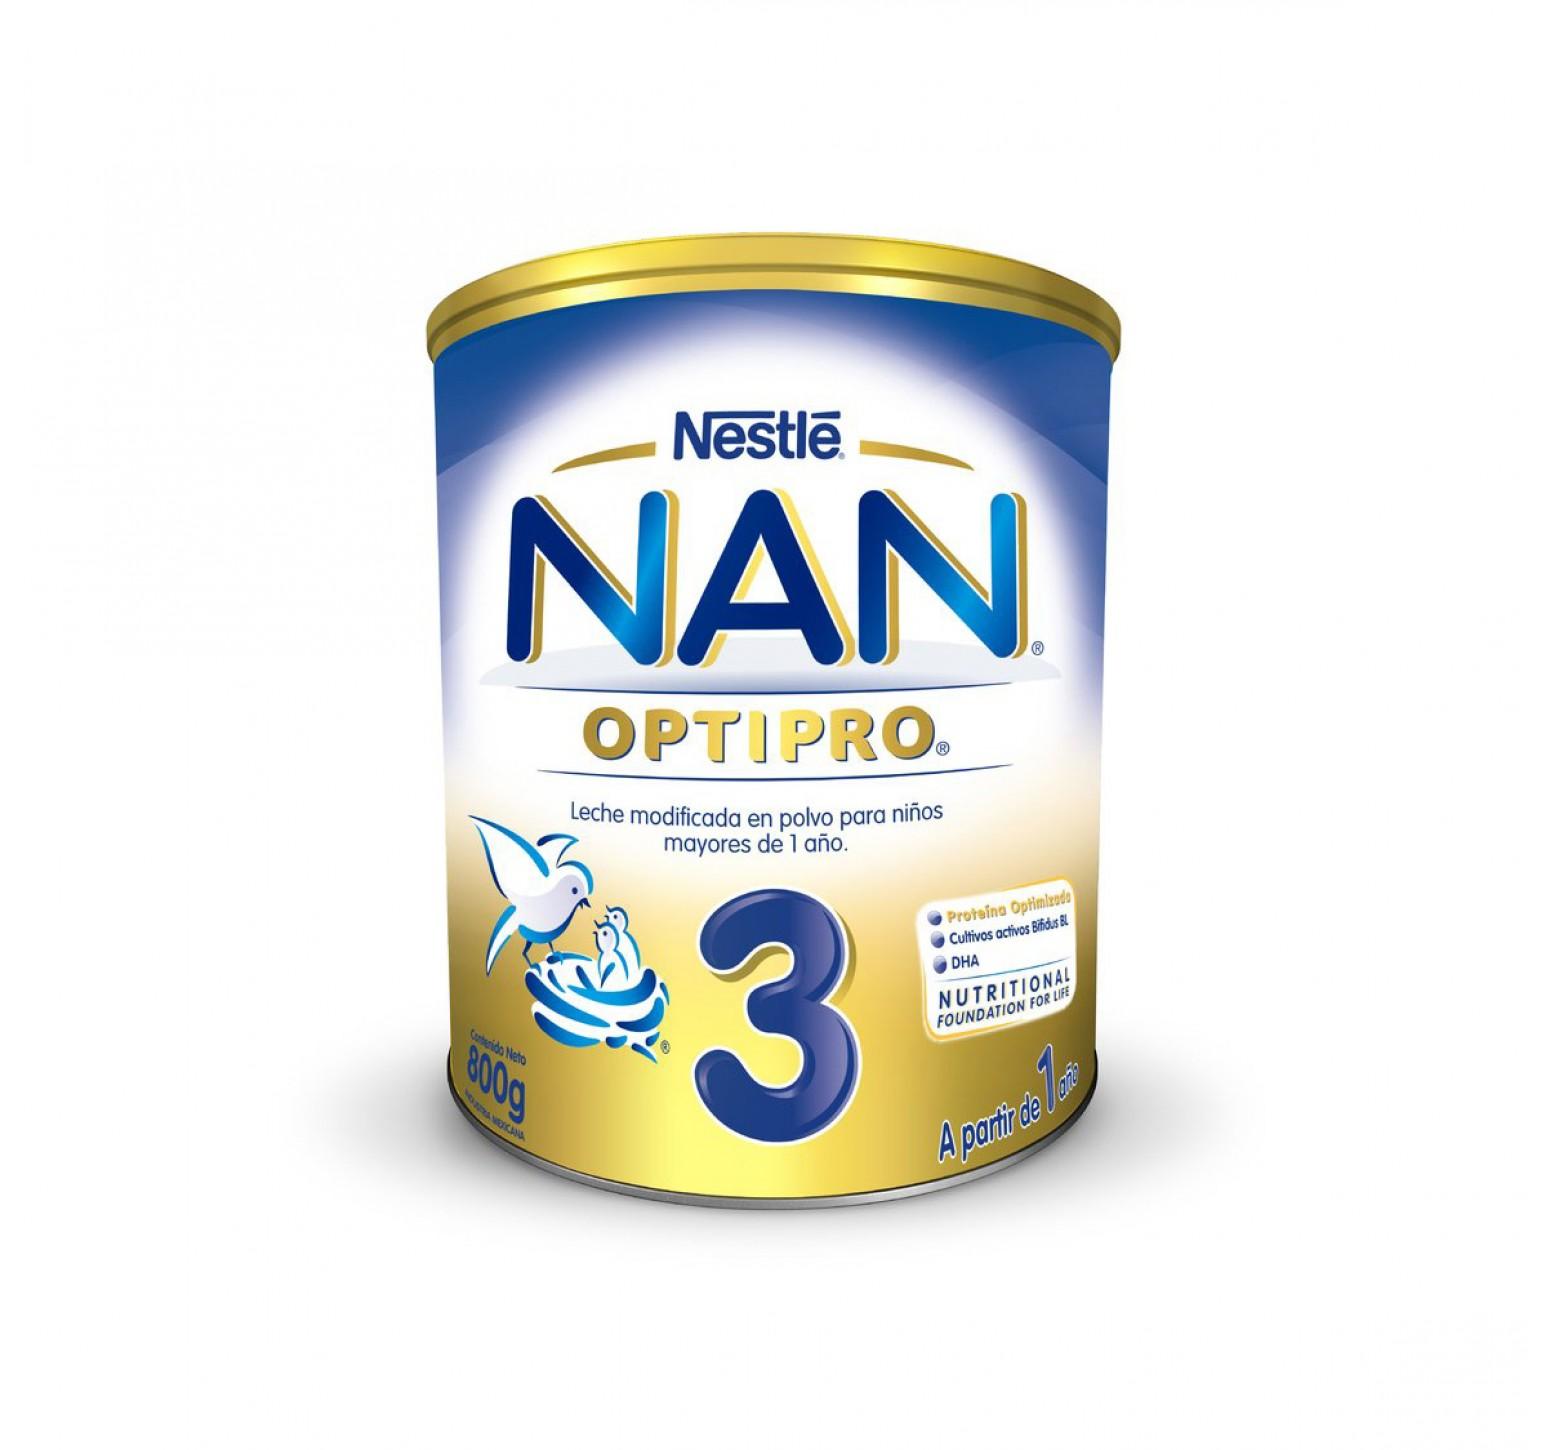 Nestlé Leche en polvo Nan 3 OptiPro (800 gr.)